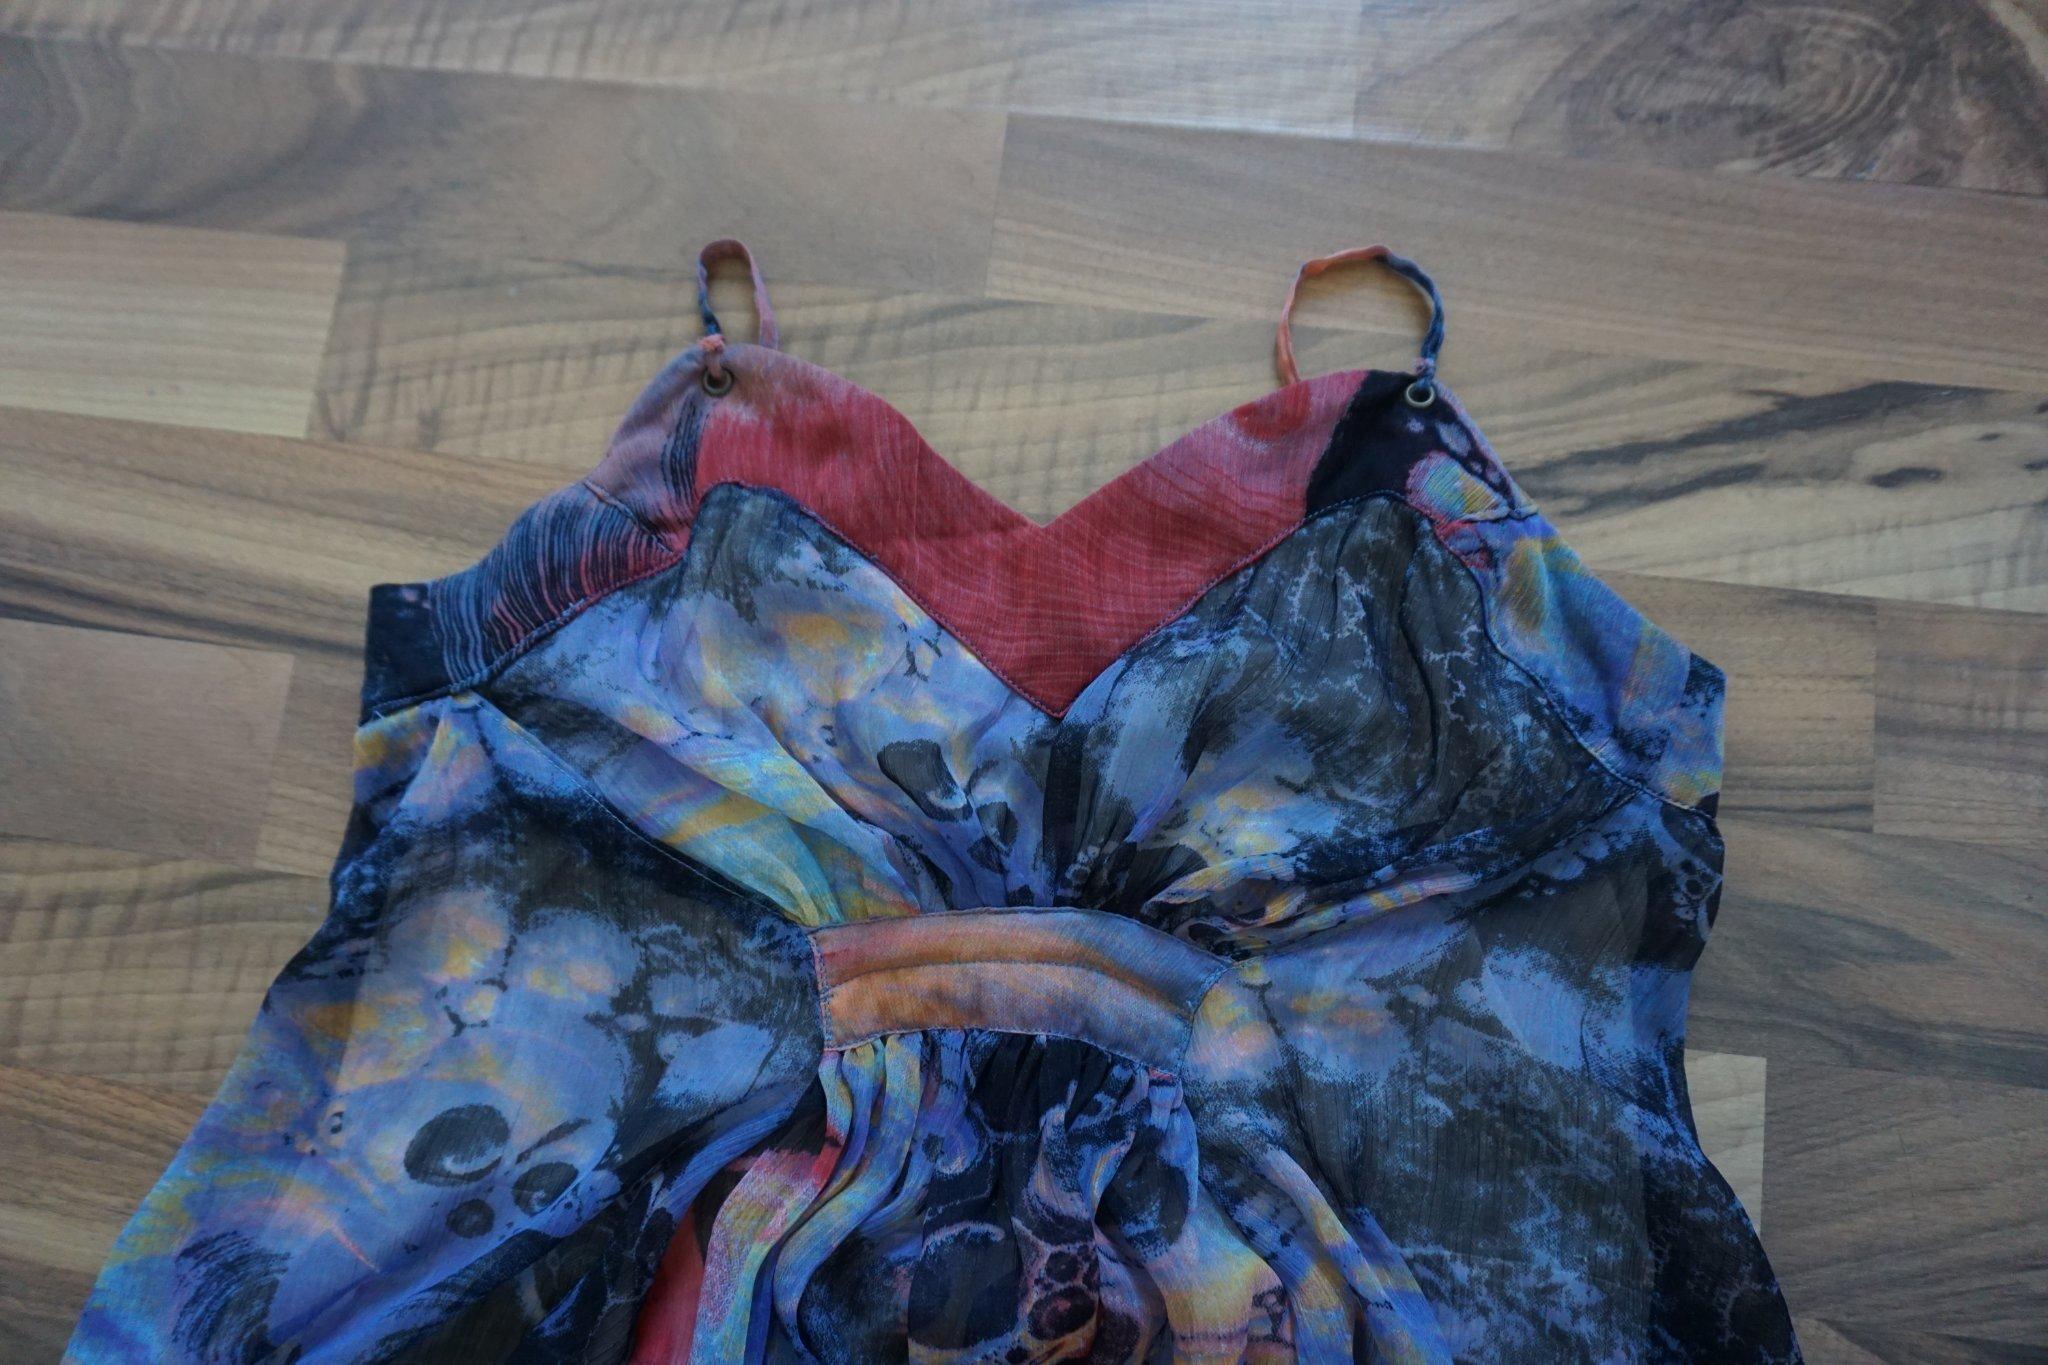 b991a765dcb7 Långklänning / maxiklänning, Nelly Trend, strl S (349282637) ᐈ Köp ...